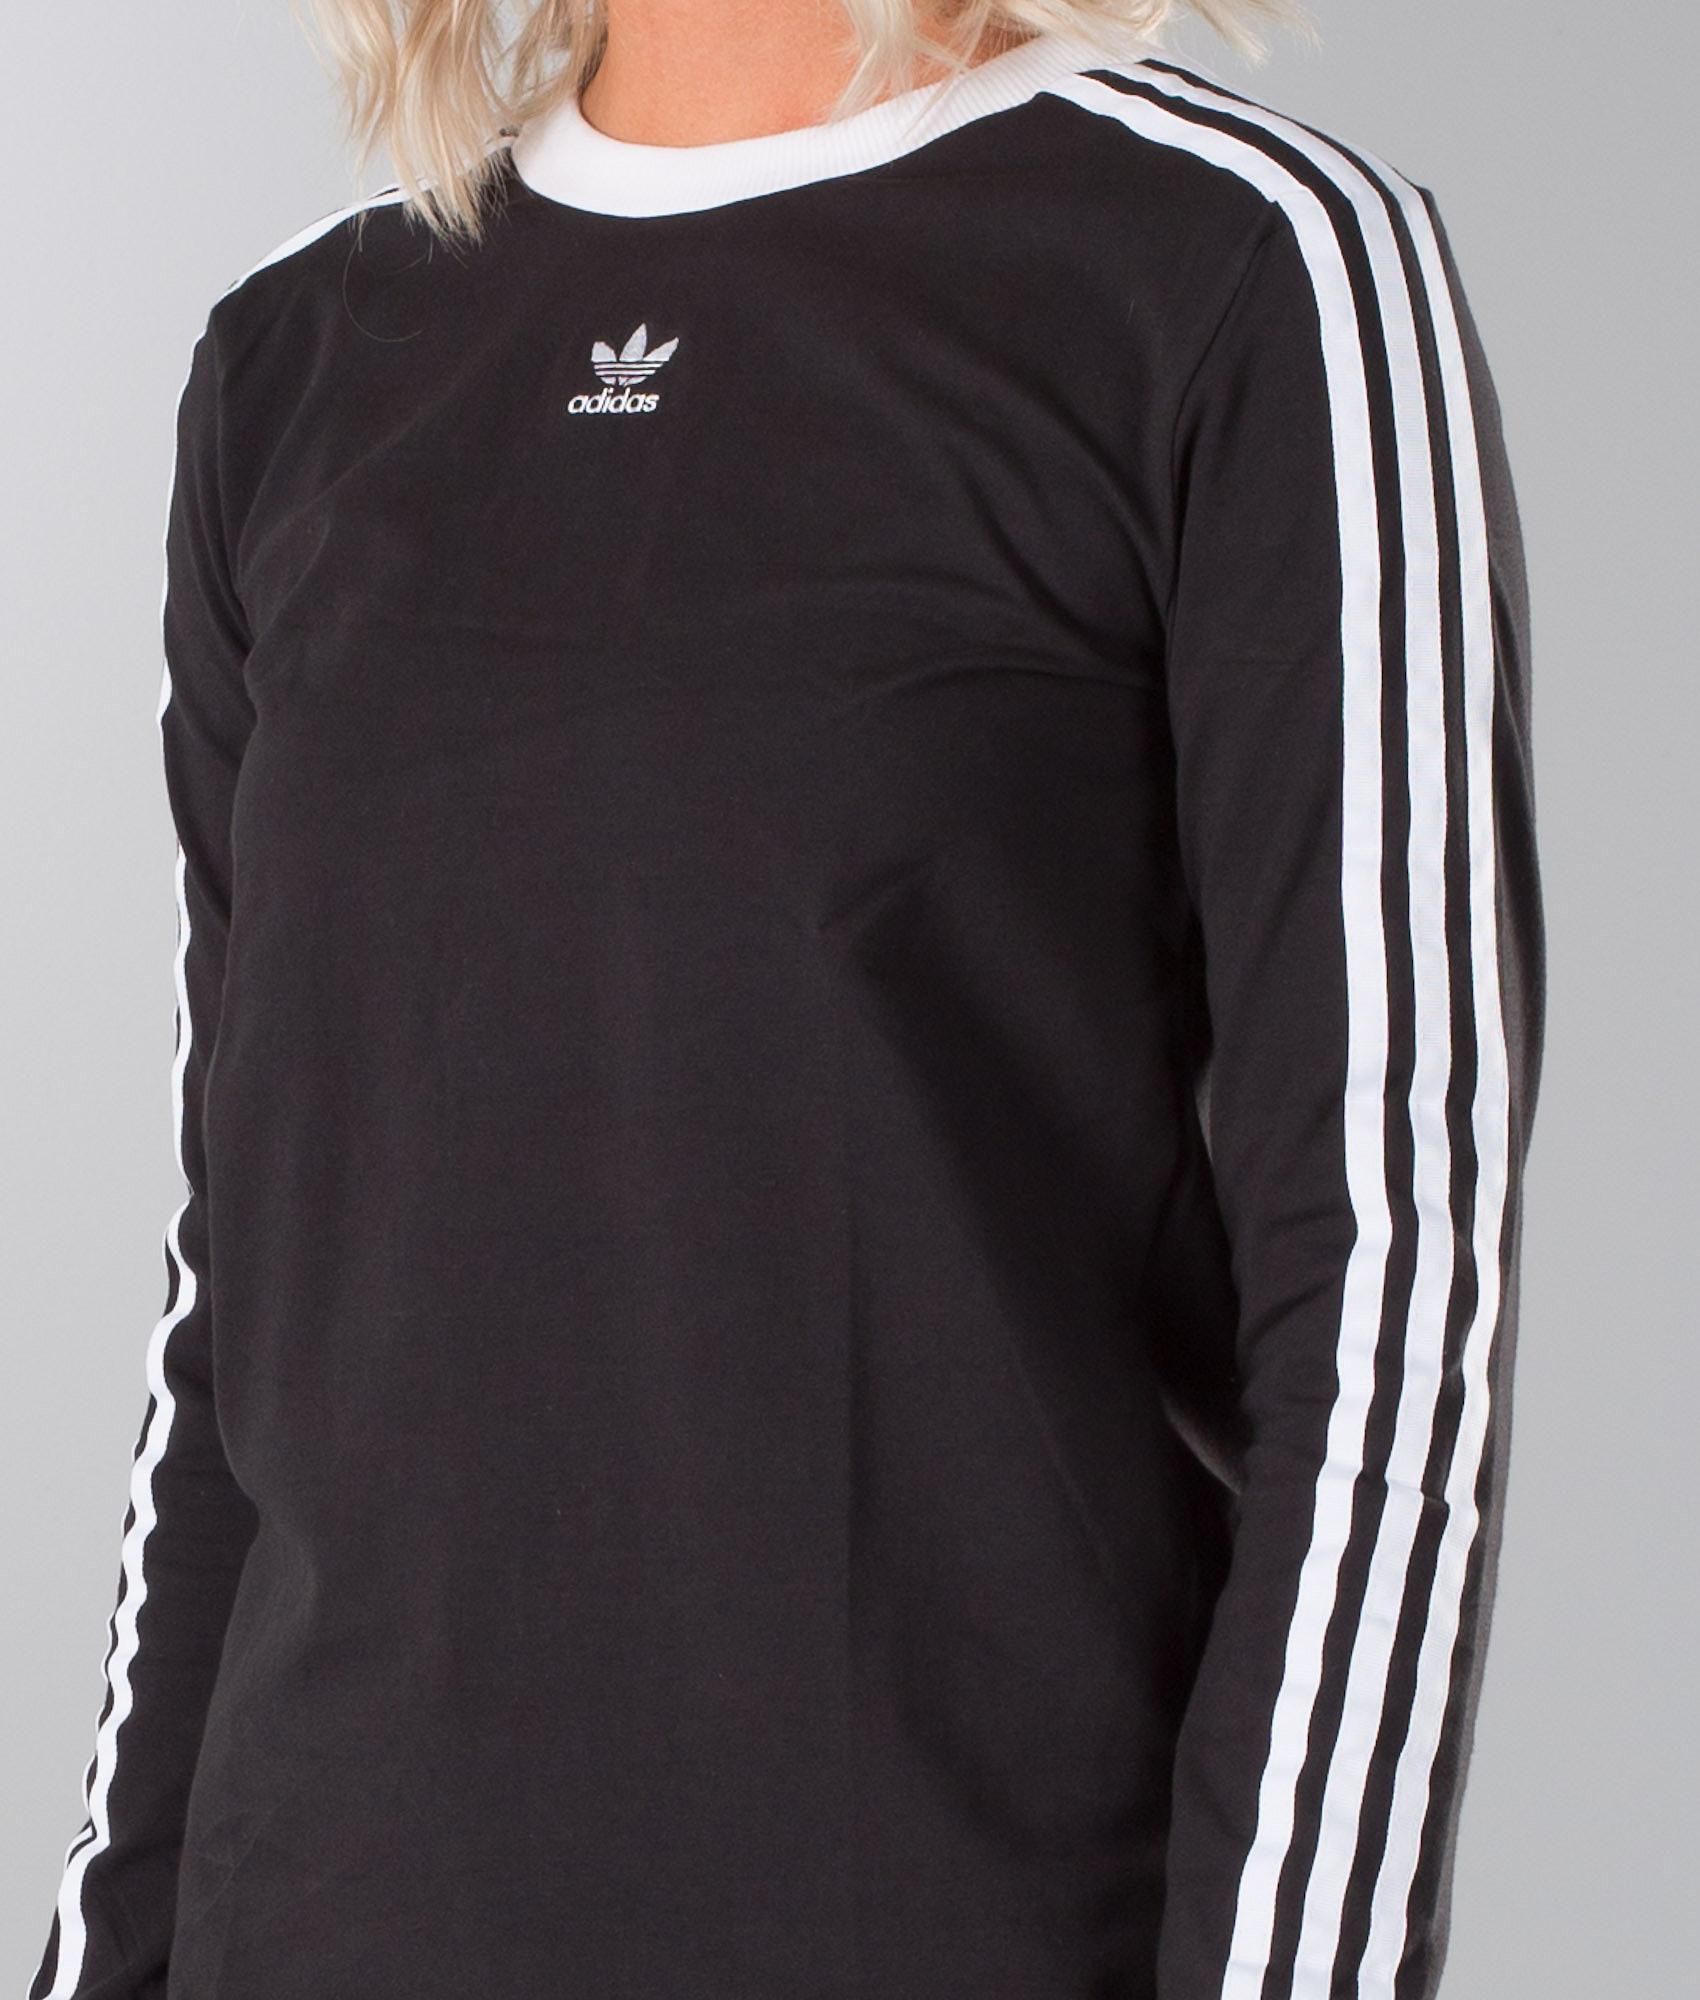 143420150a8da Adidas Originals 3 Stripes Longsleeve Black - Ridestore.com